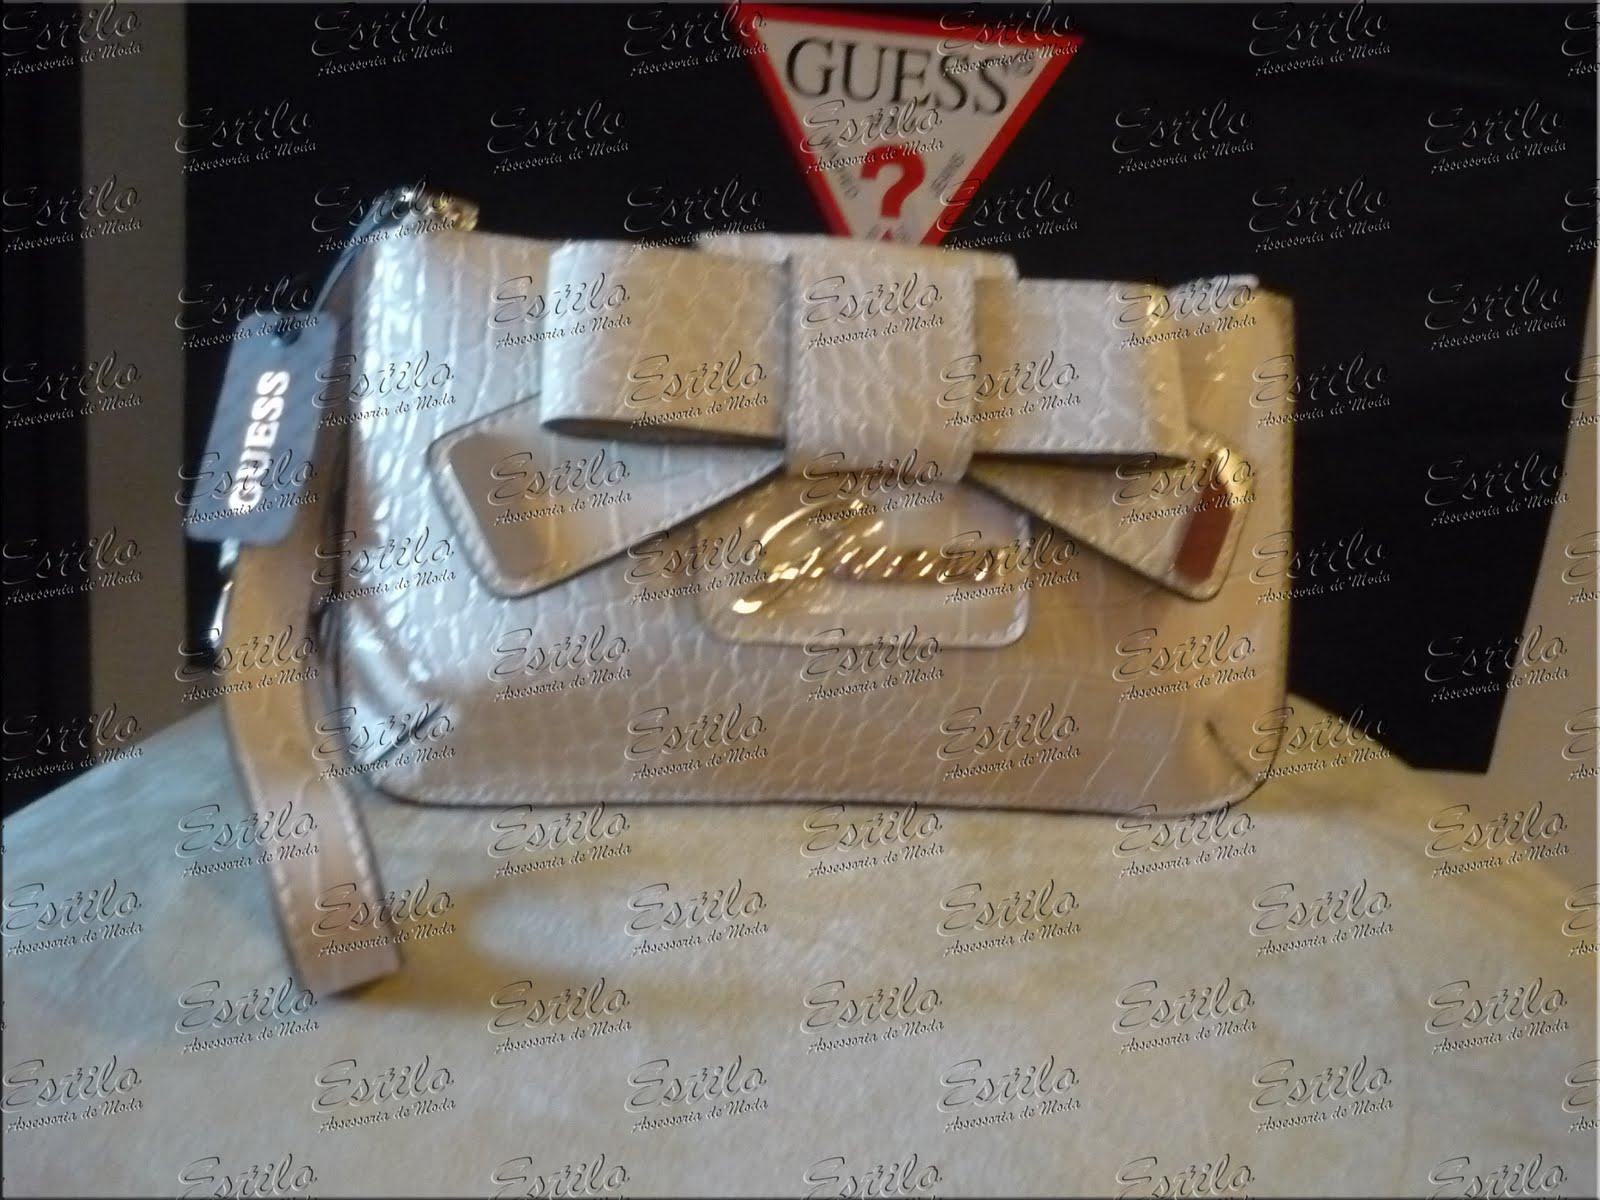 Bolsa De Mão Guess Preço : Bolsa carteira la?o guess estilo assessoria de moda